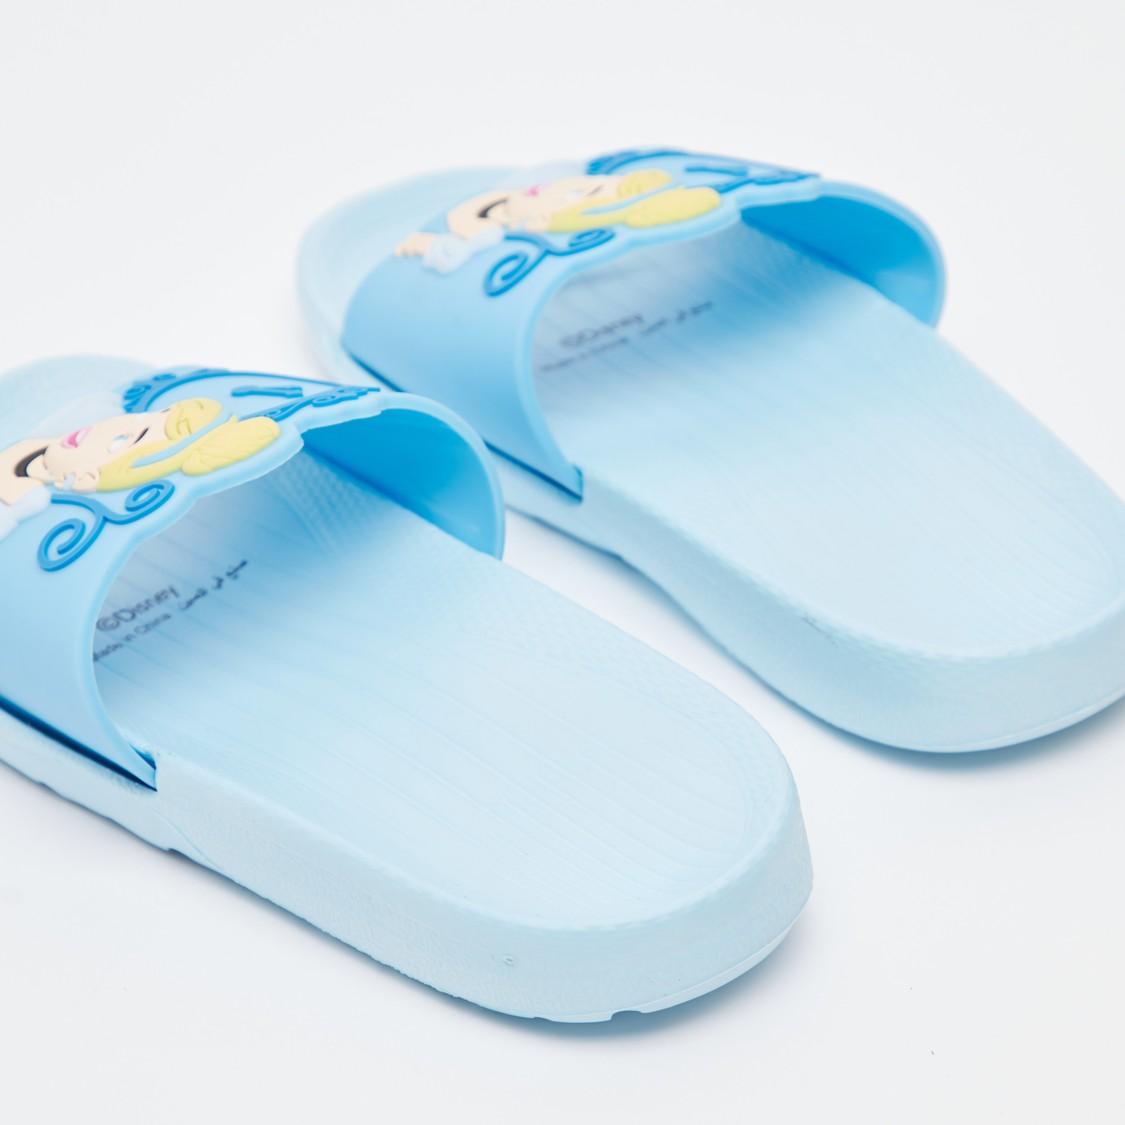 حذاء خفيف سهل الارتداء بتصميم أميرة ديزني